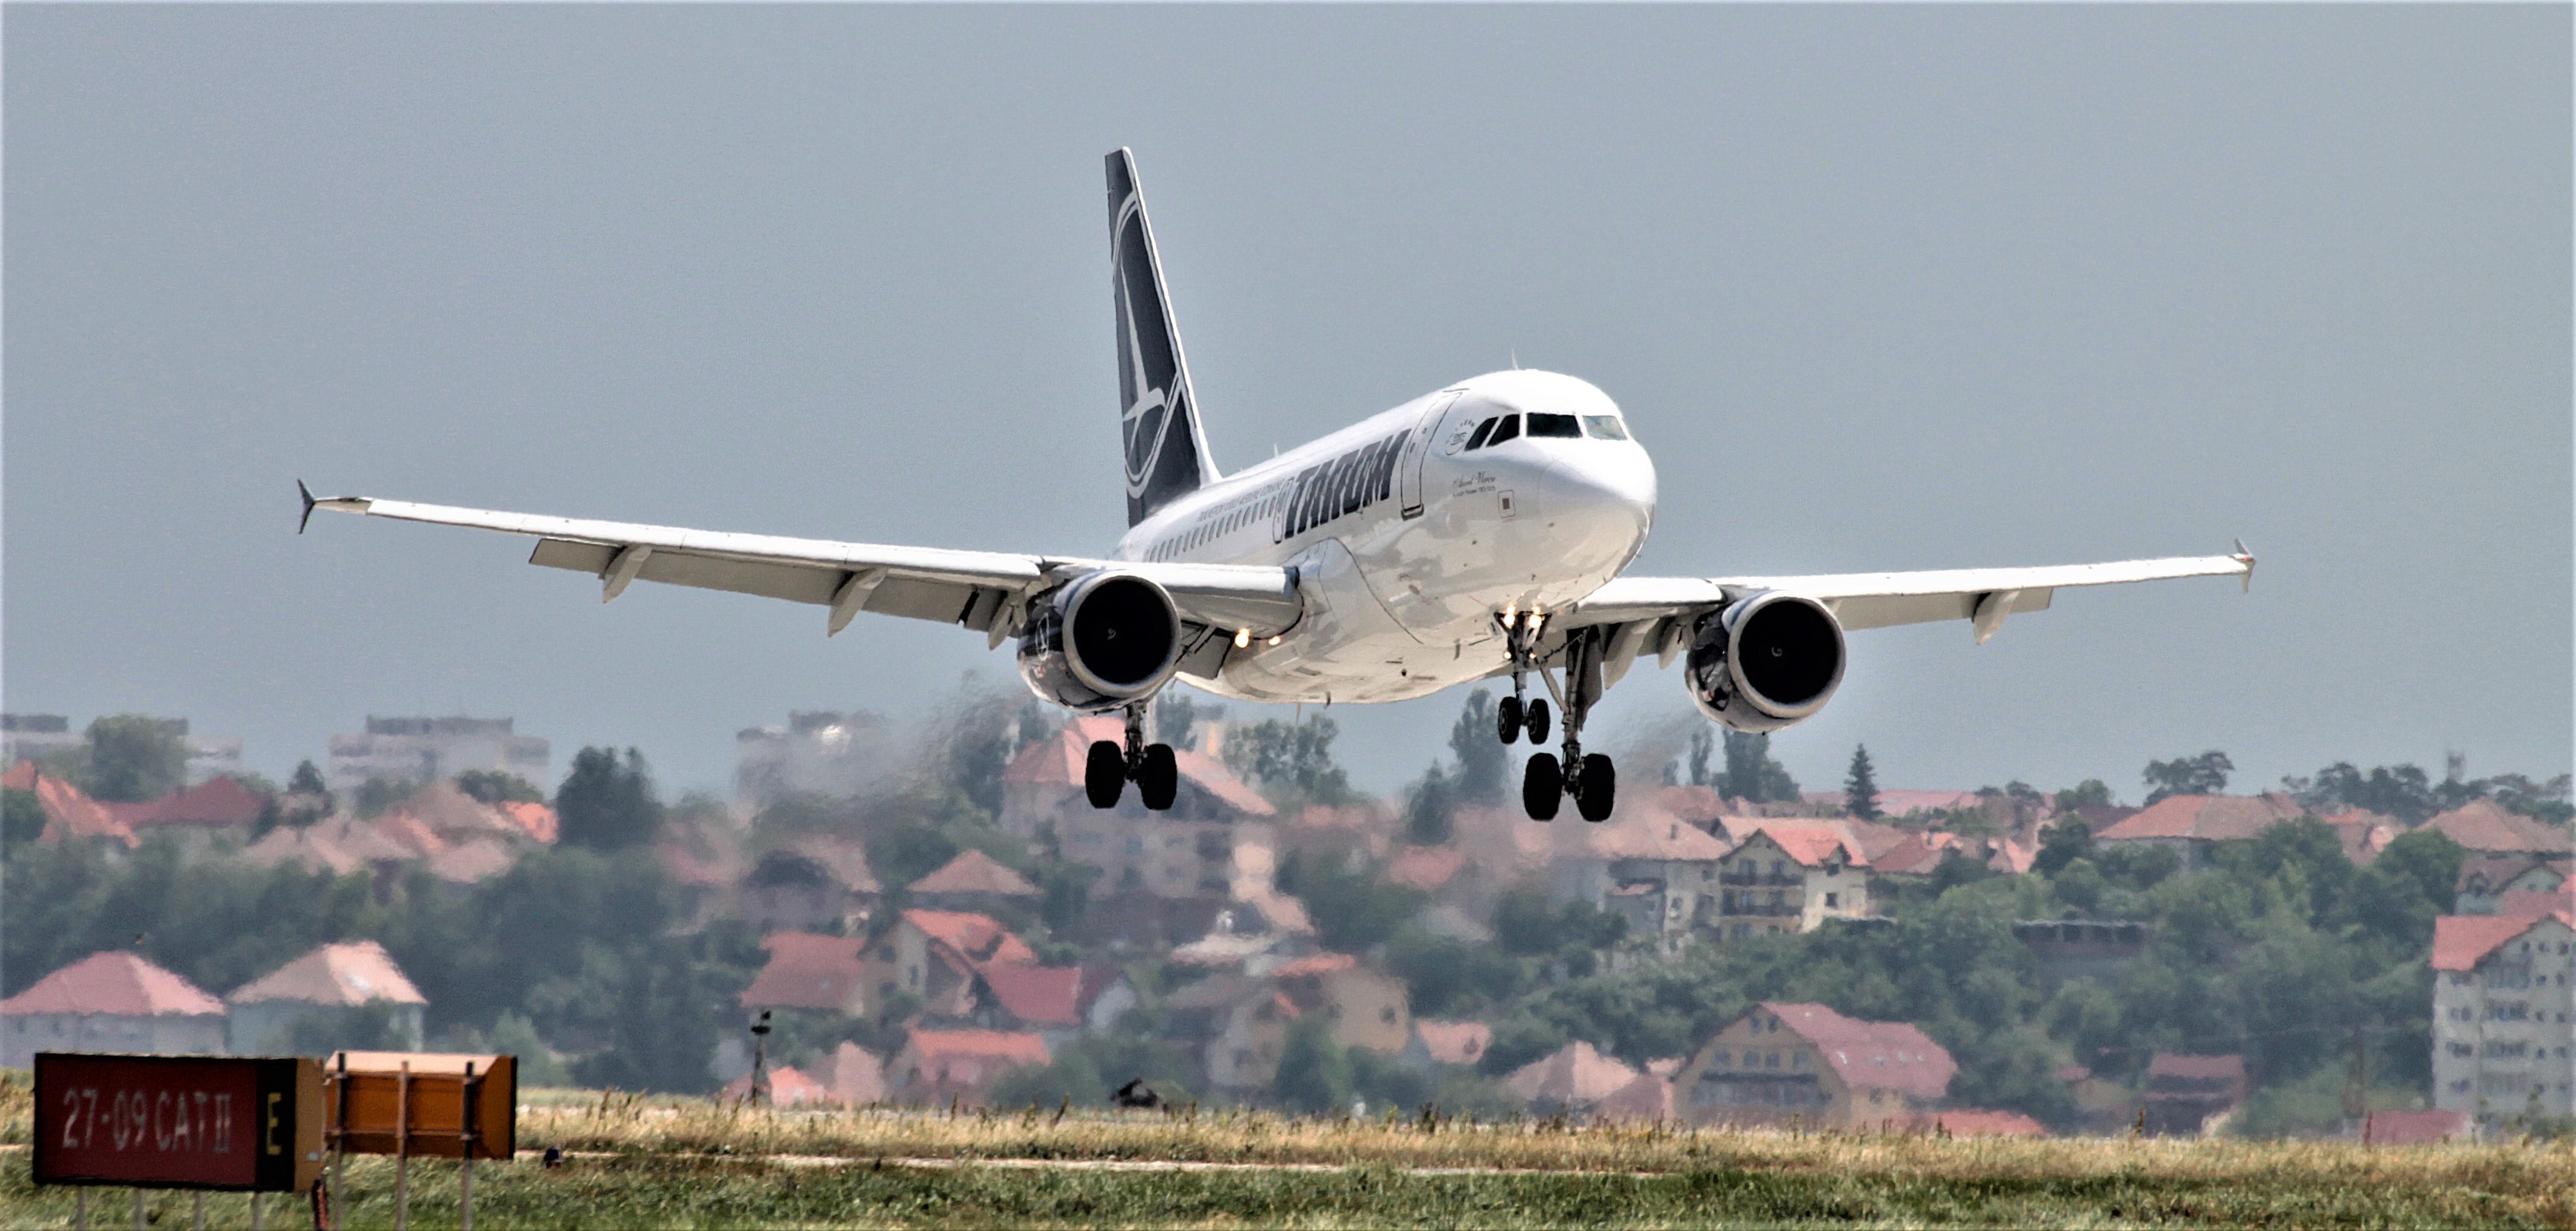 Aeroportul Internațional Sibiu. Zboruri directe din Sibiu | 4272 x 2042 jpeg 1690kB